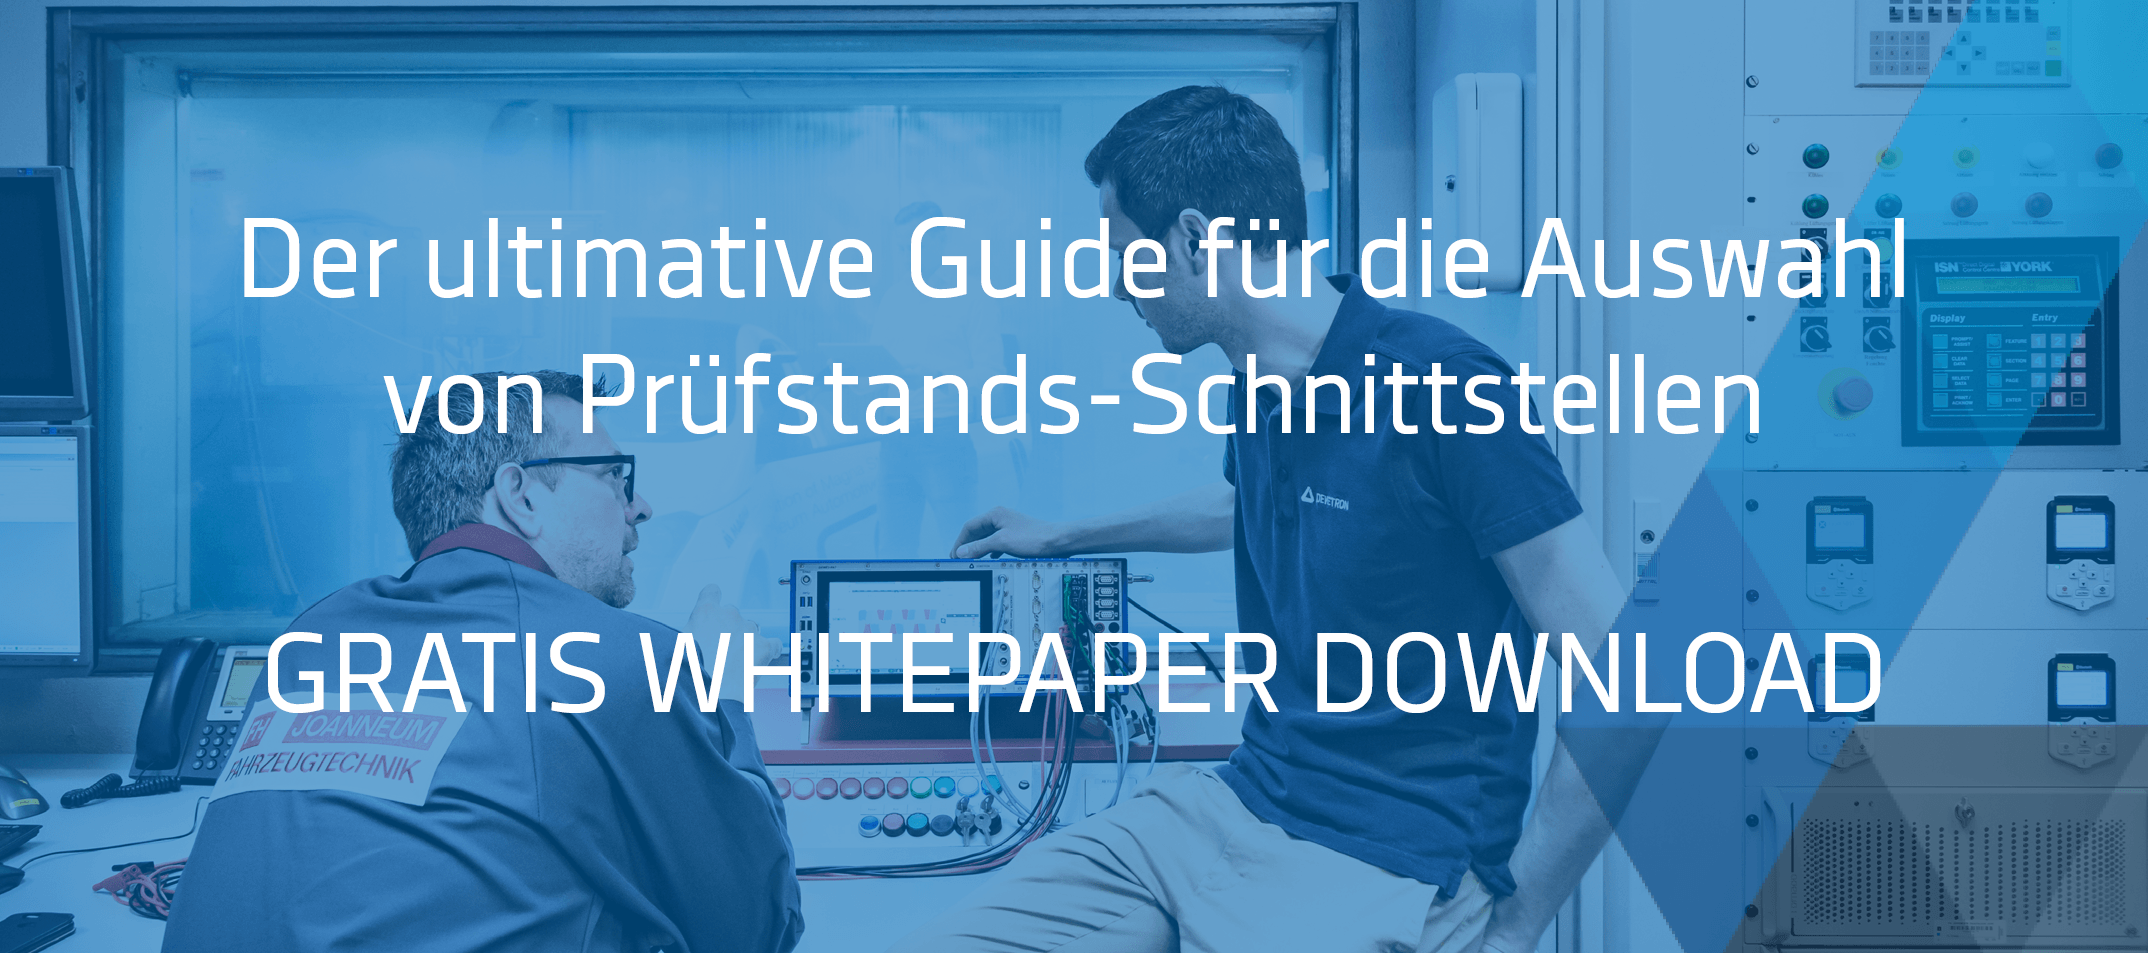 Prüfstands-Schnittstellen Whitepaper Banner